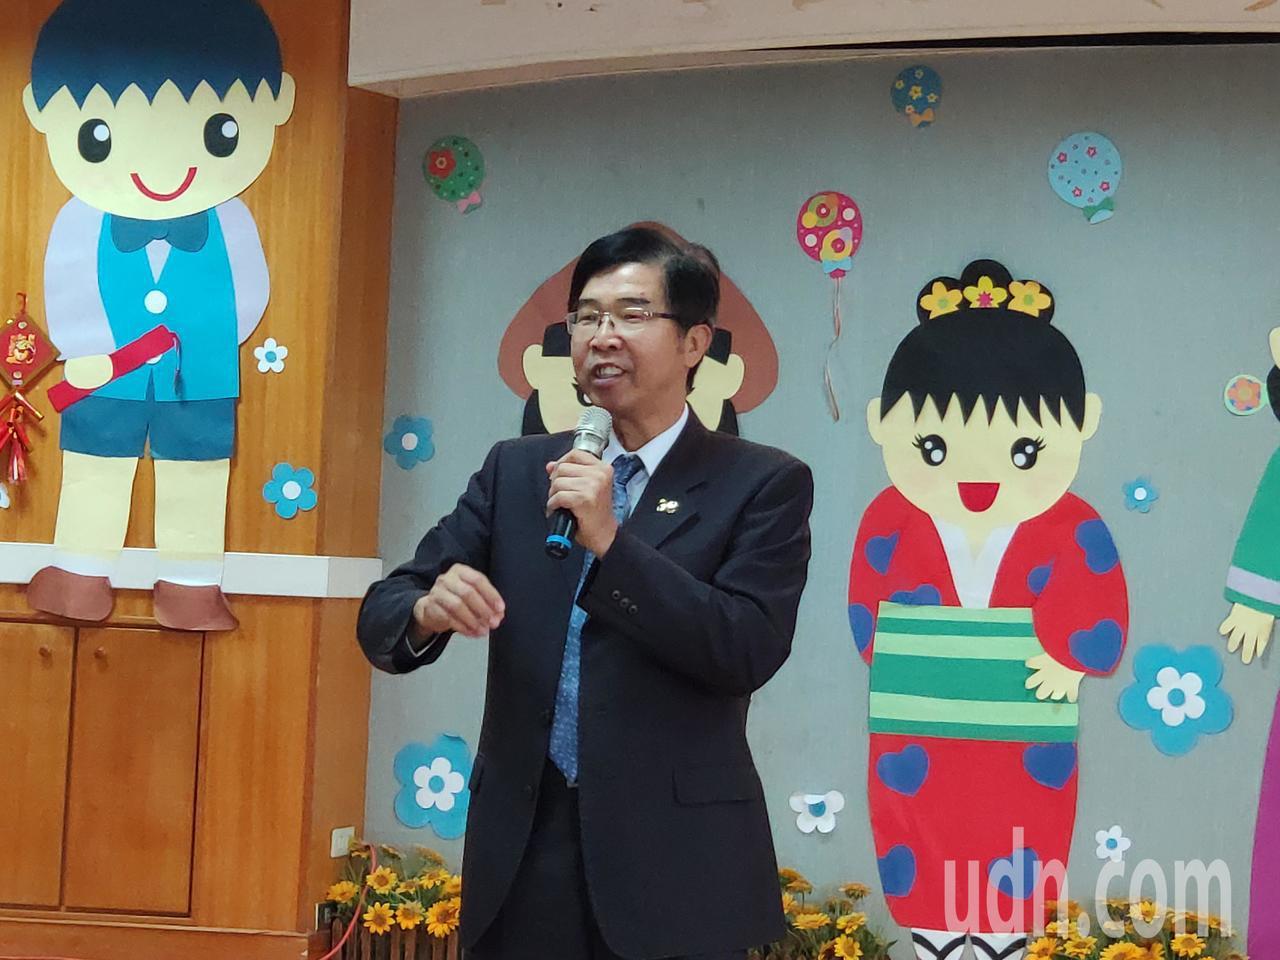 大台南家長協會理事長吳燕卿。記者謝進盛/攝影